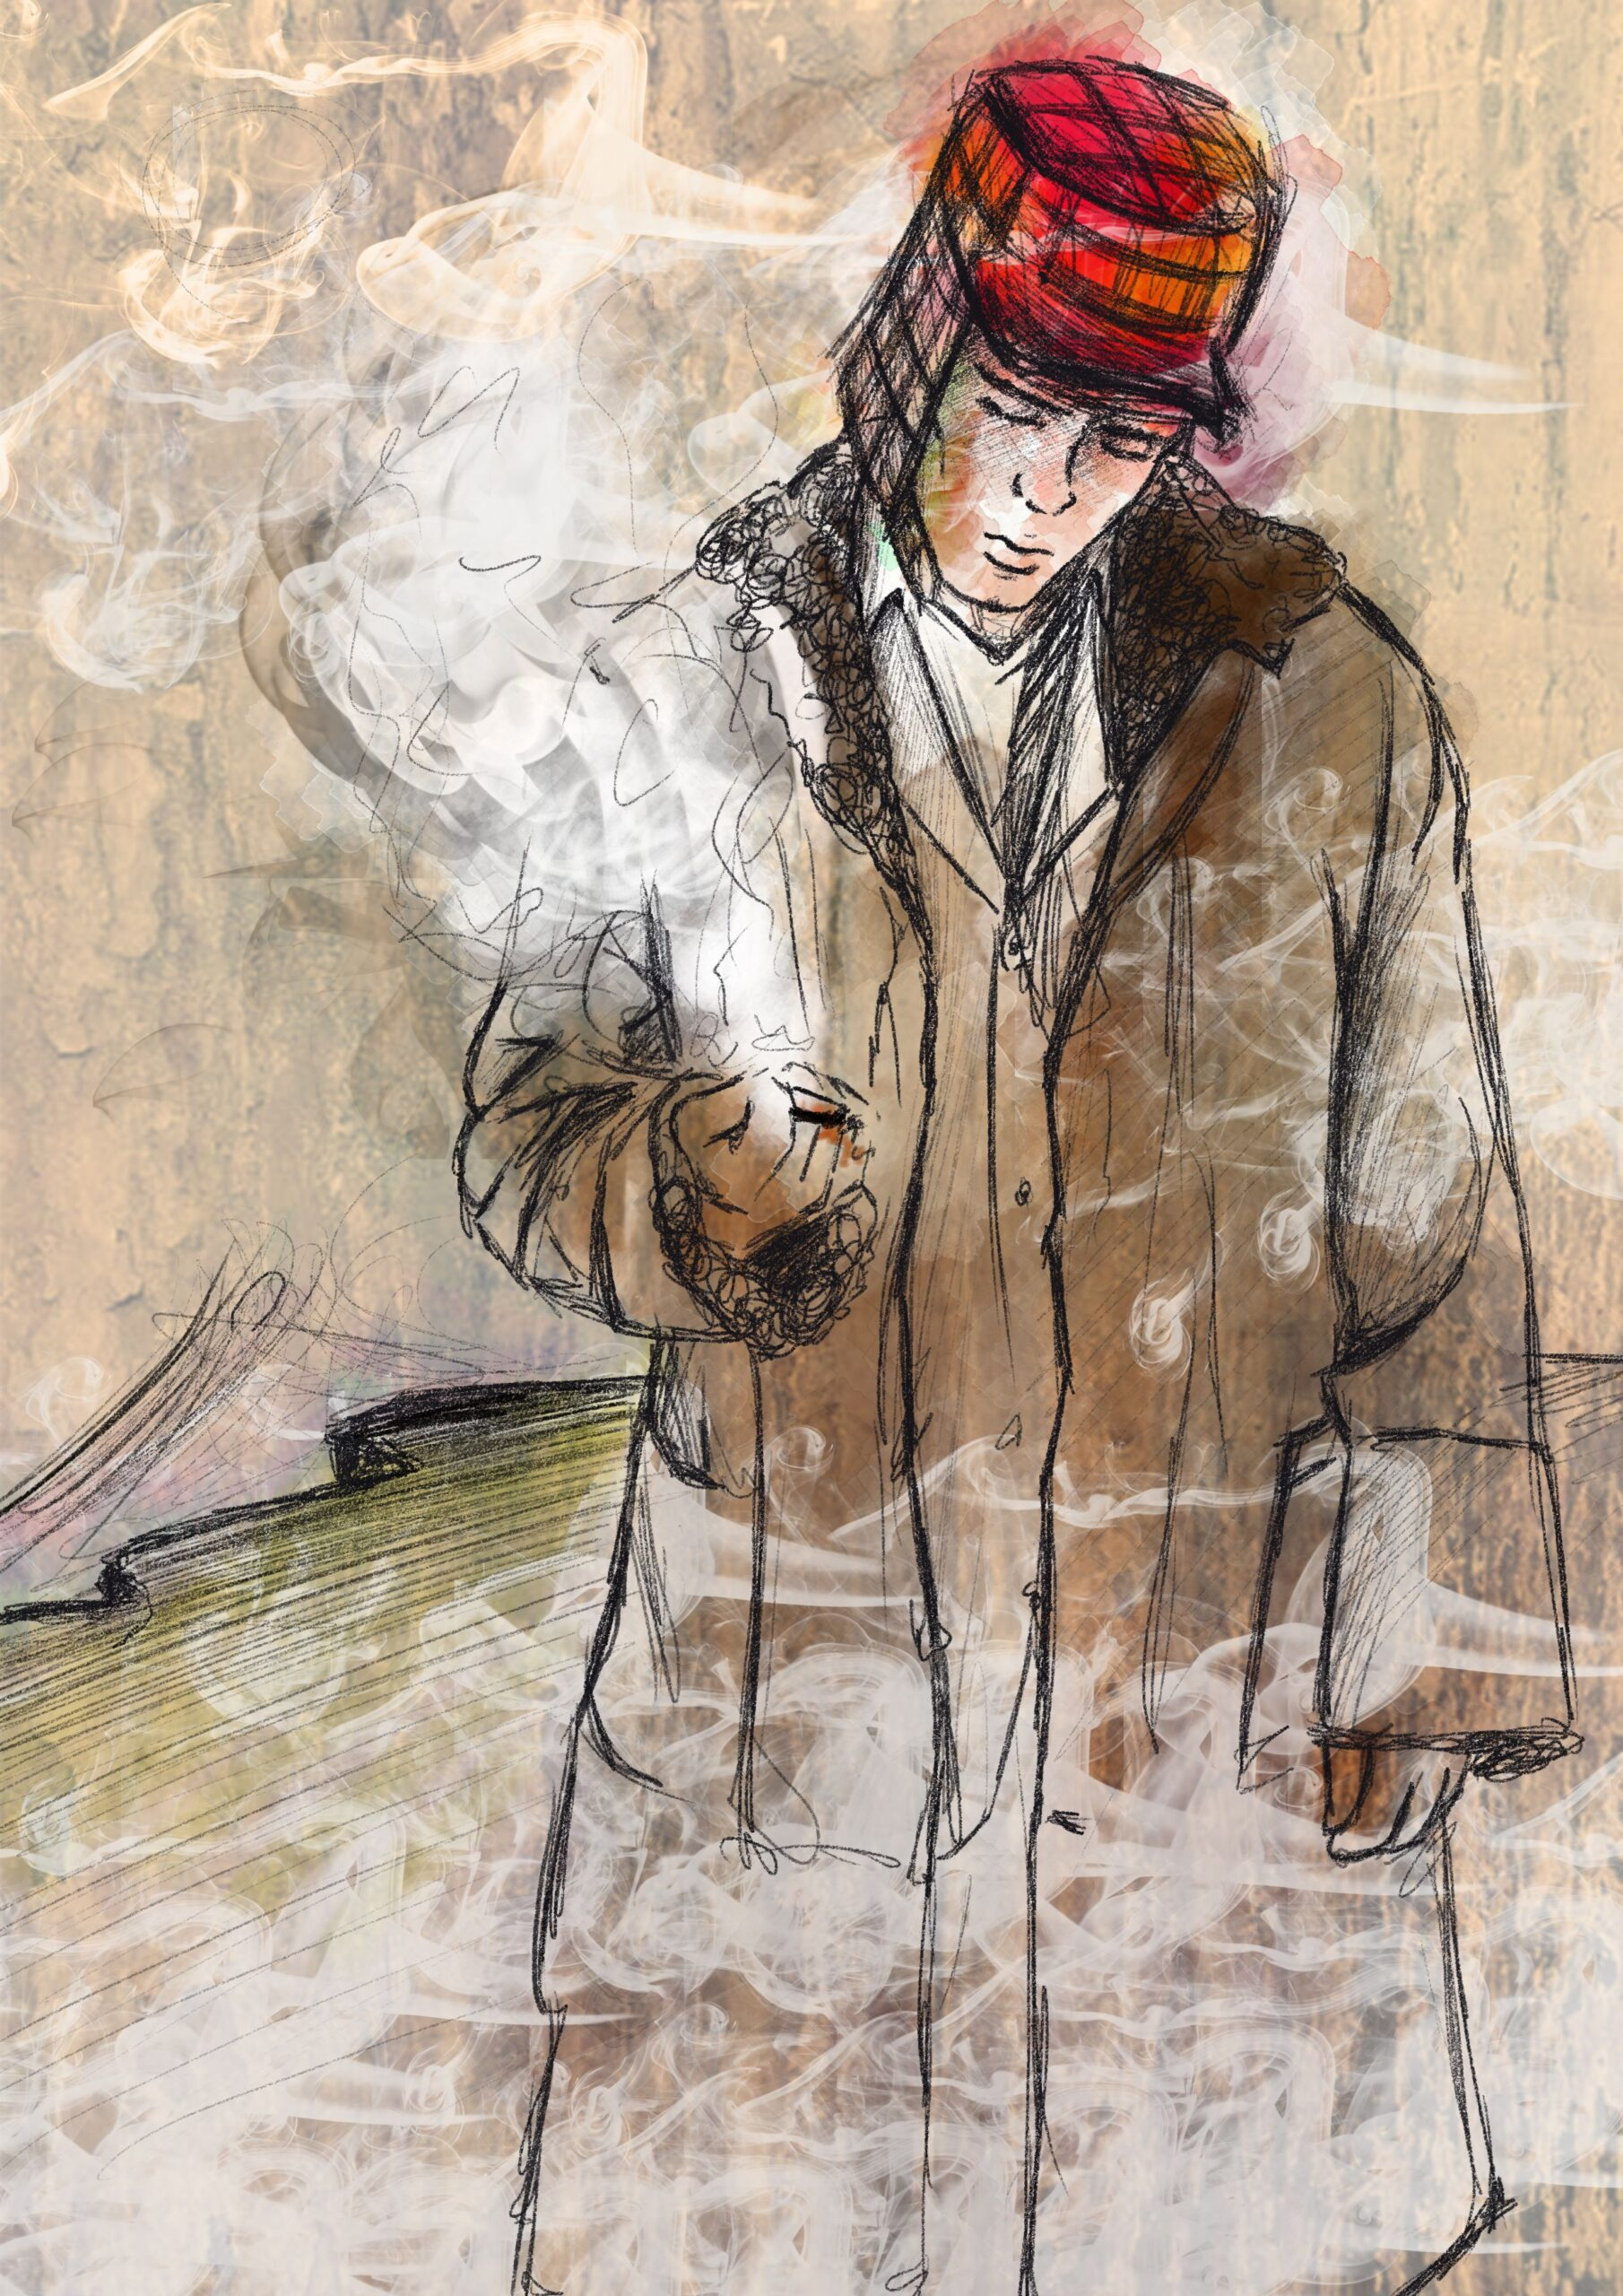 Personaje de Holden Caulfield de El Guardián entre el centeno